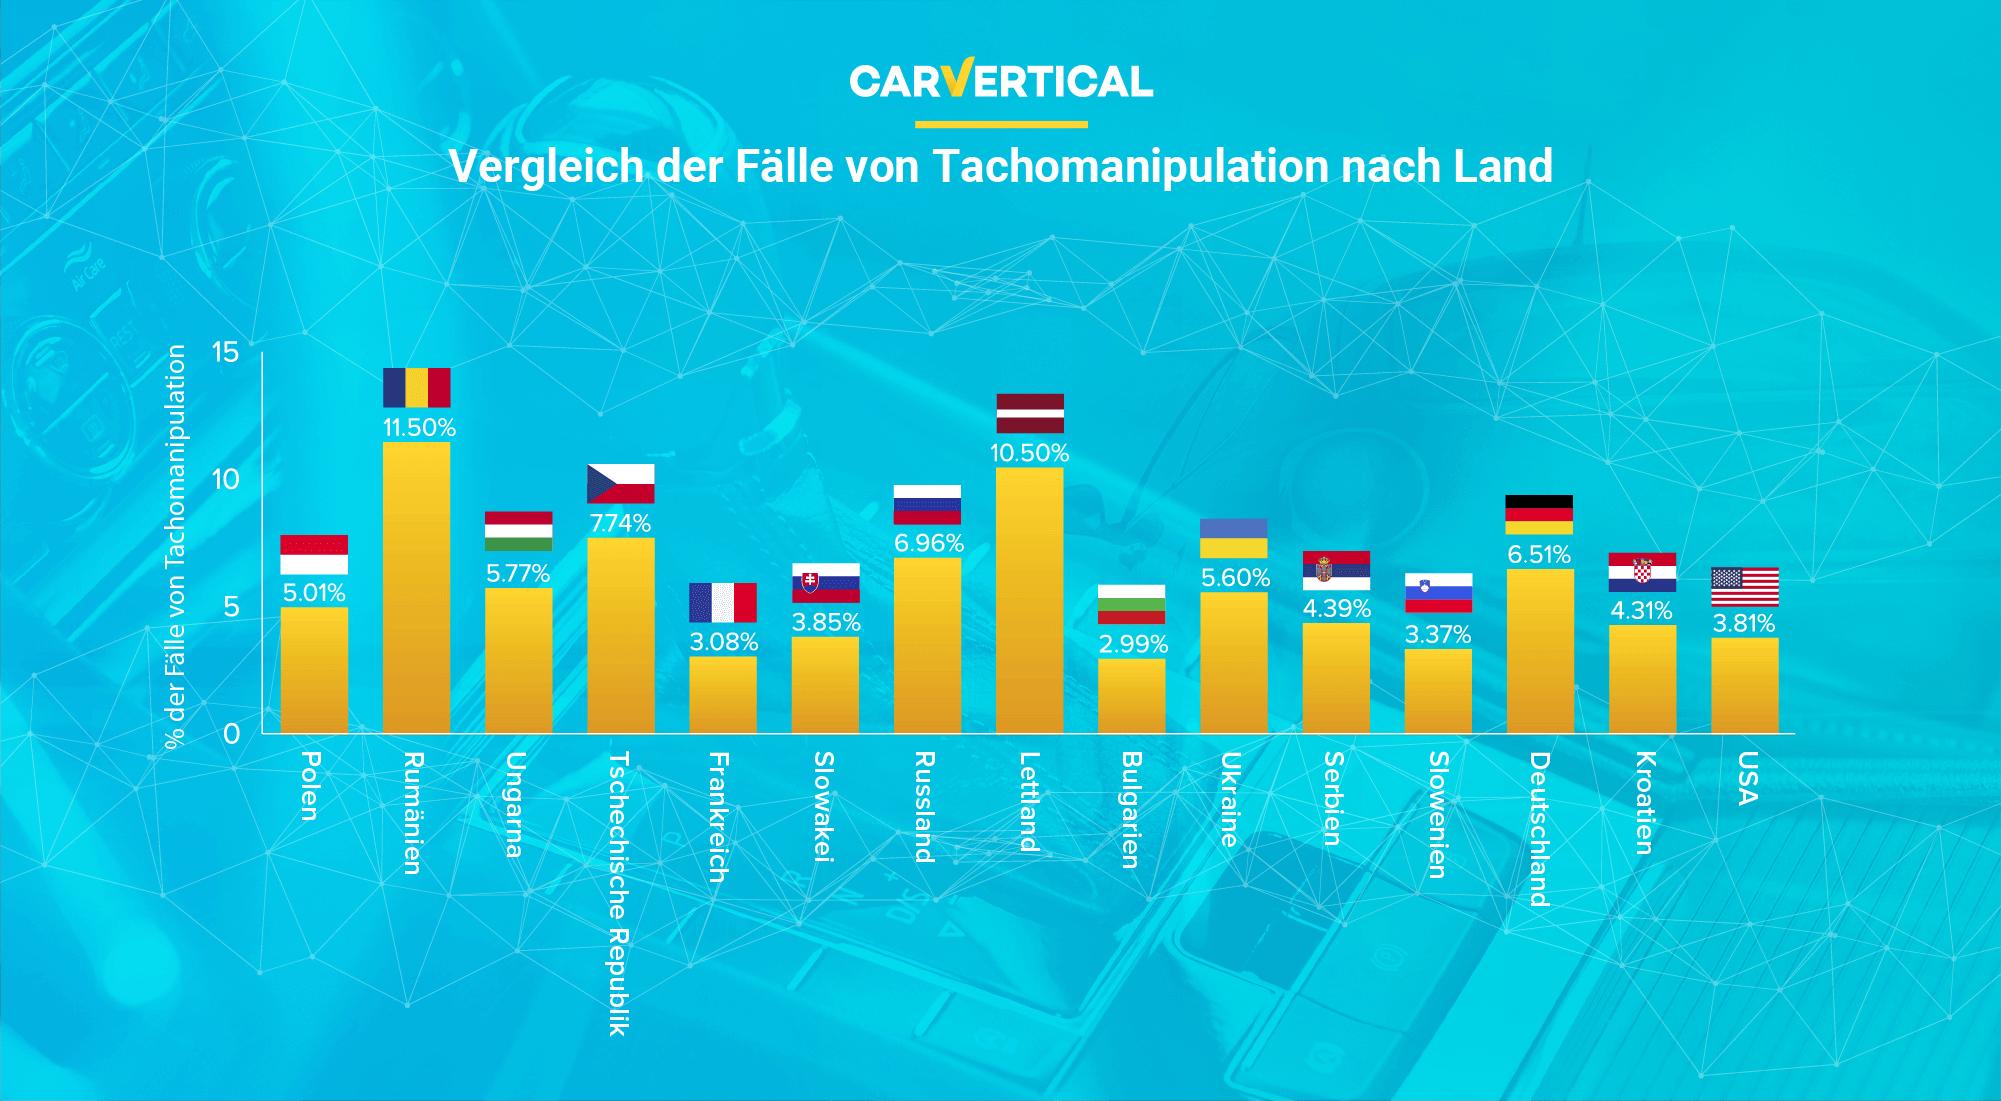 Vergleich der Fälle von Tachomanipulation nach Land